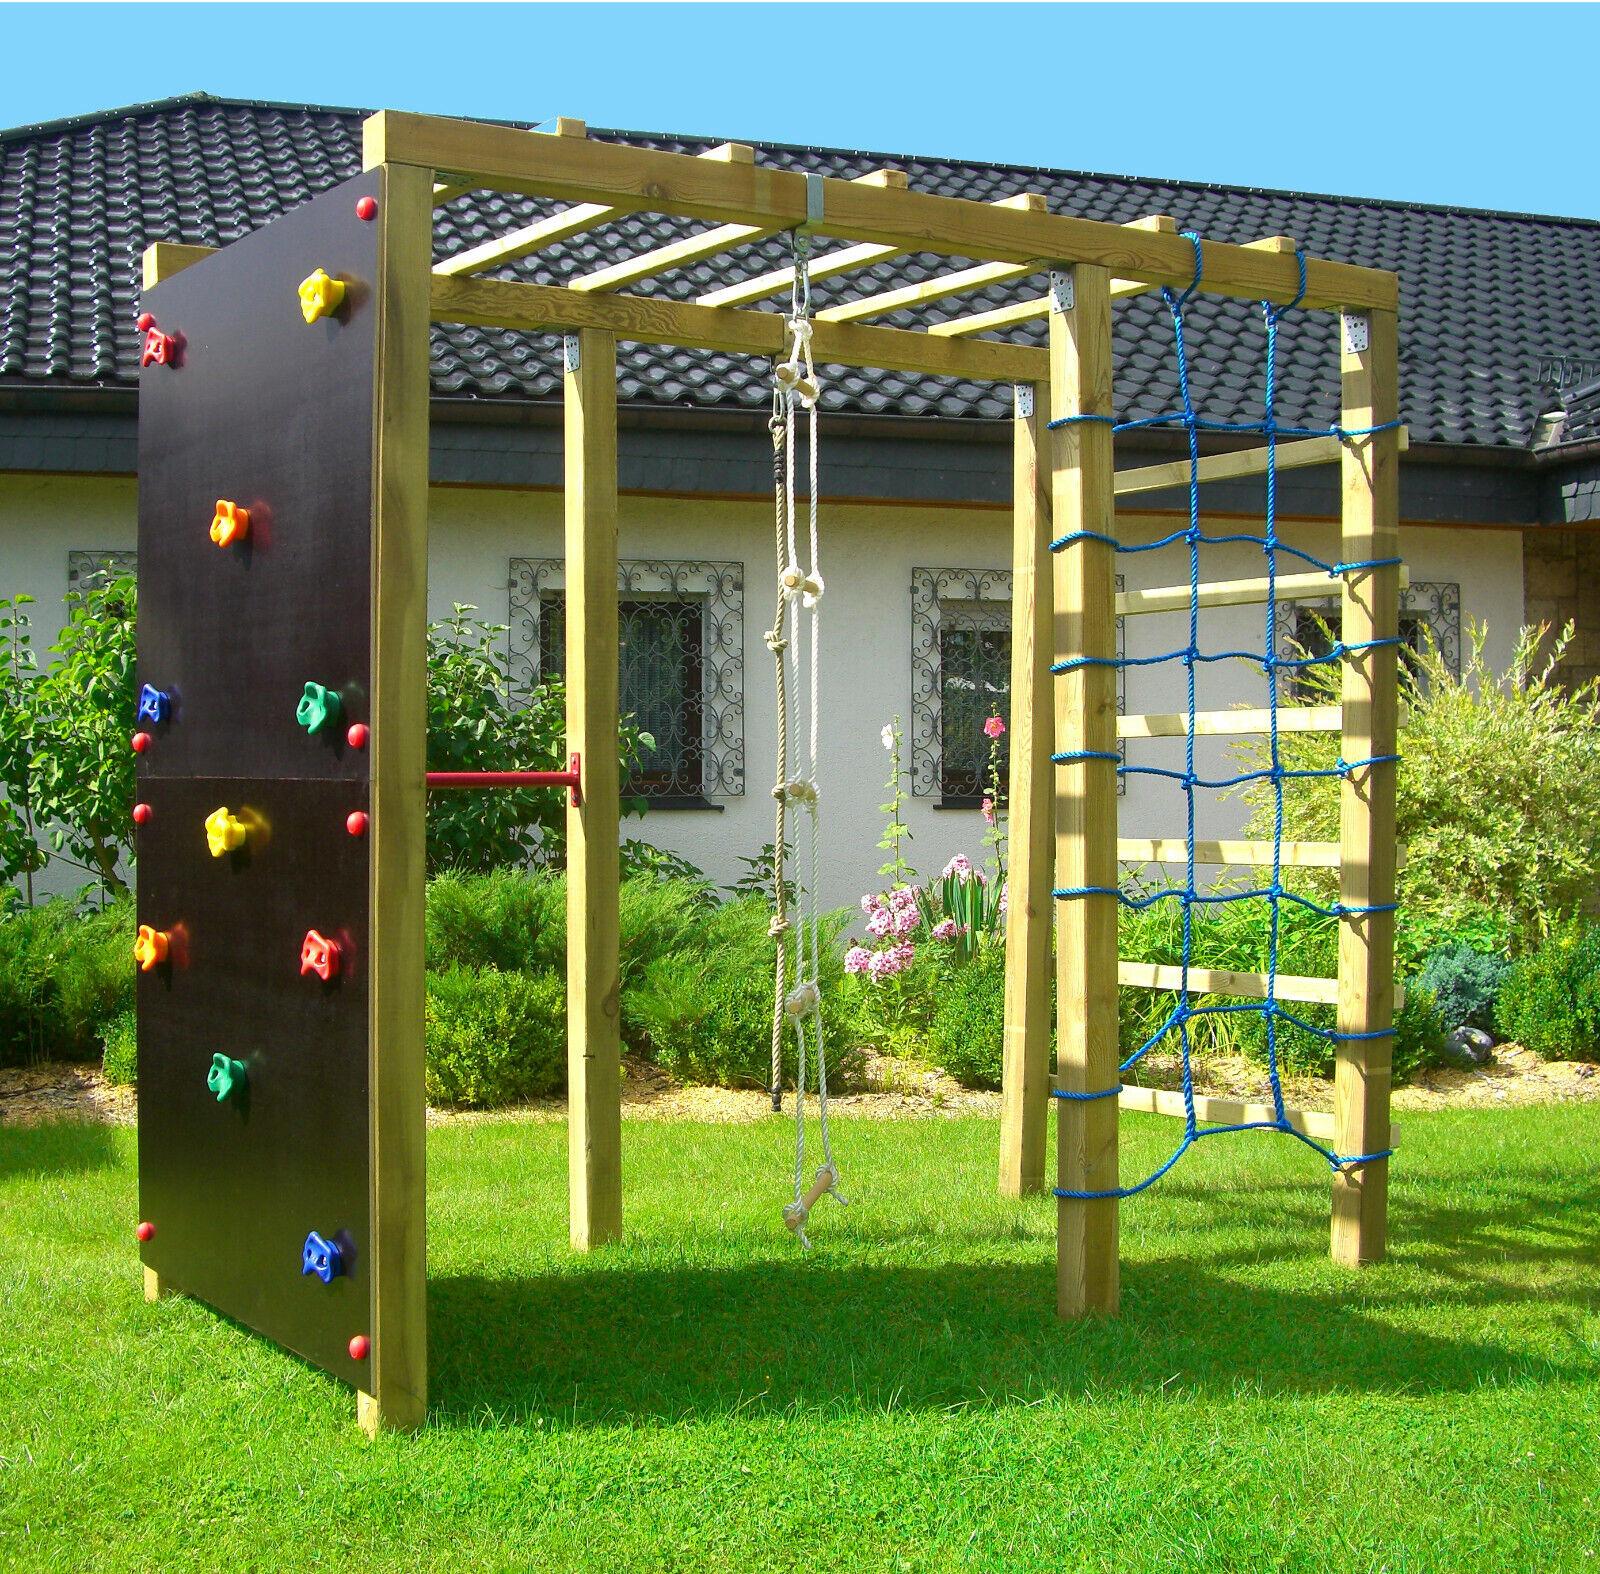 XXL Klettergerüst 2,4m Kletterturm aus Holz mit Kletternetz Reckstange Leiter